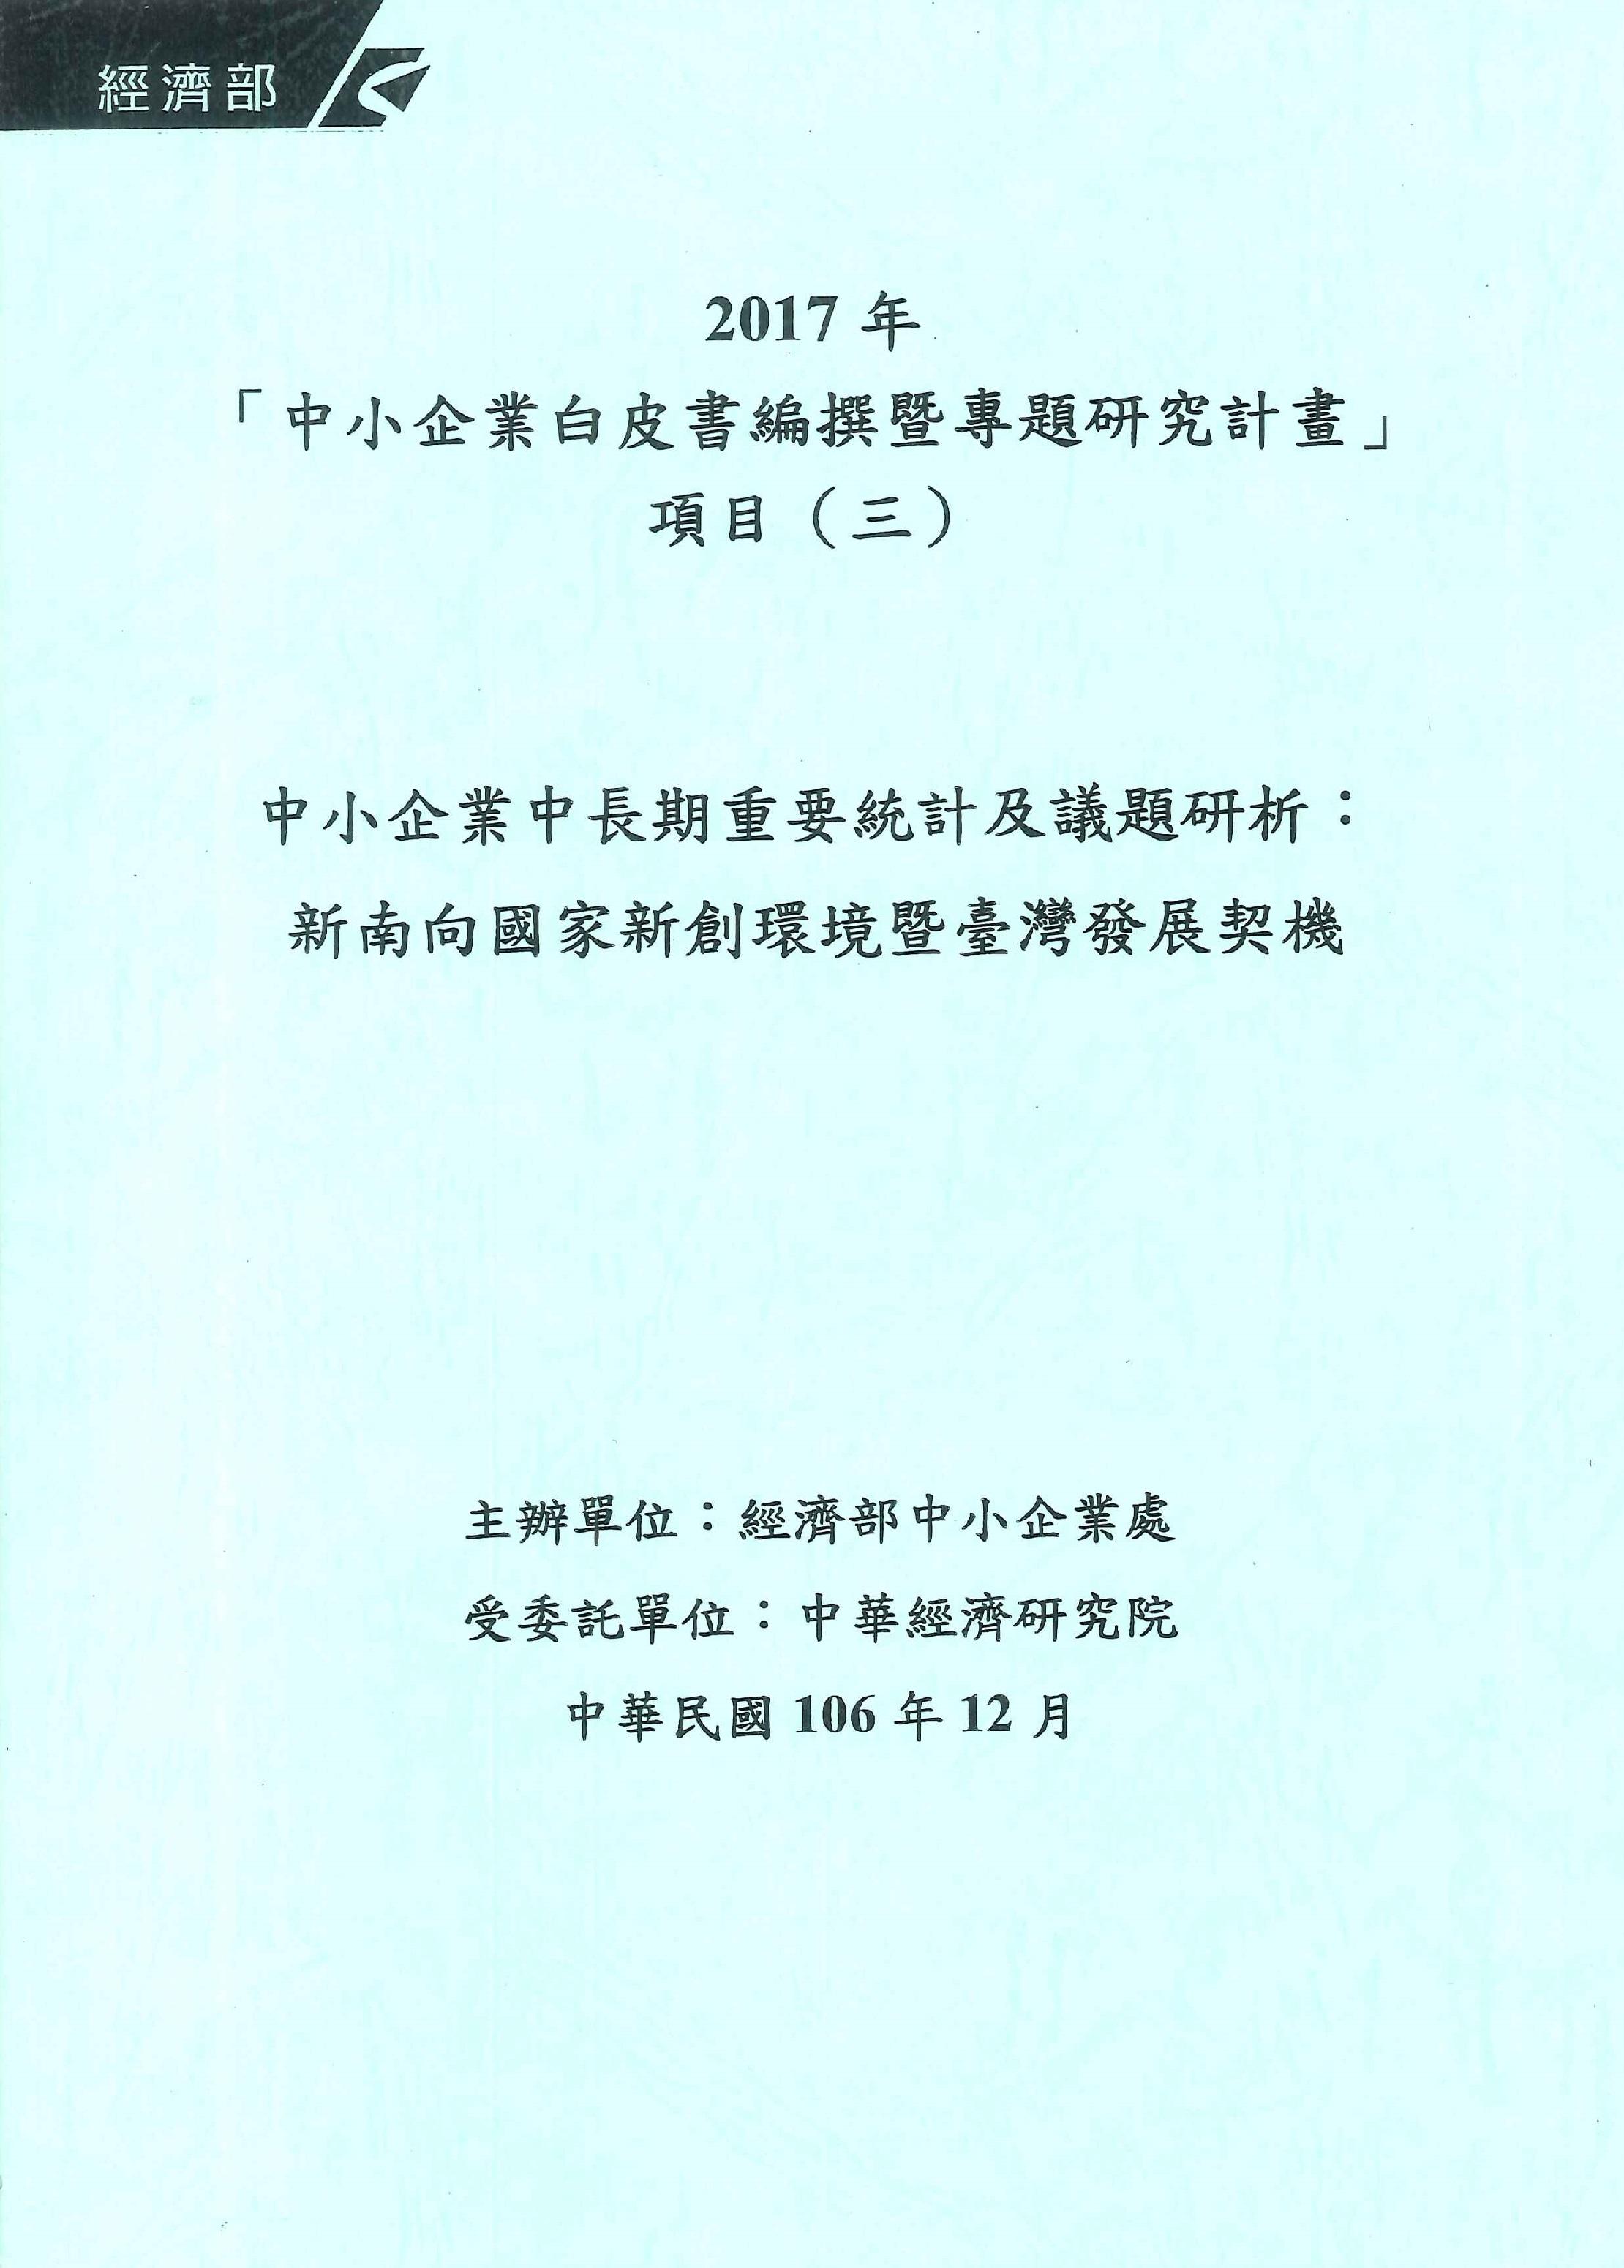 中小企業中長期重要統計及議題研析:新南向國家新創環境暨臺灣發展契機